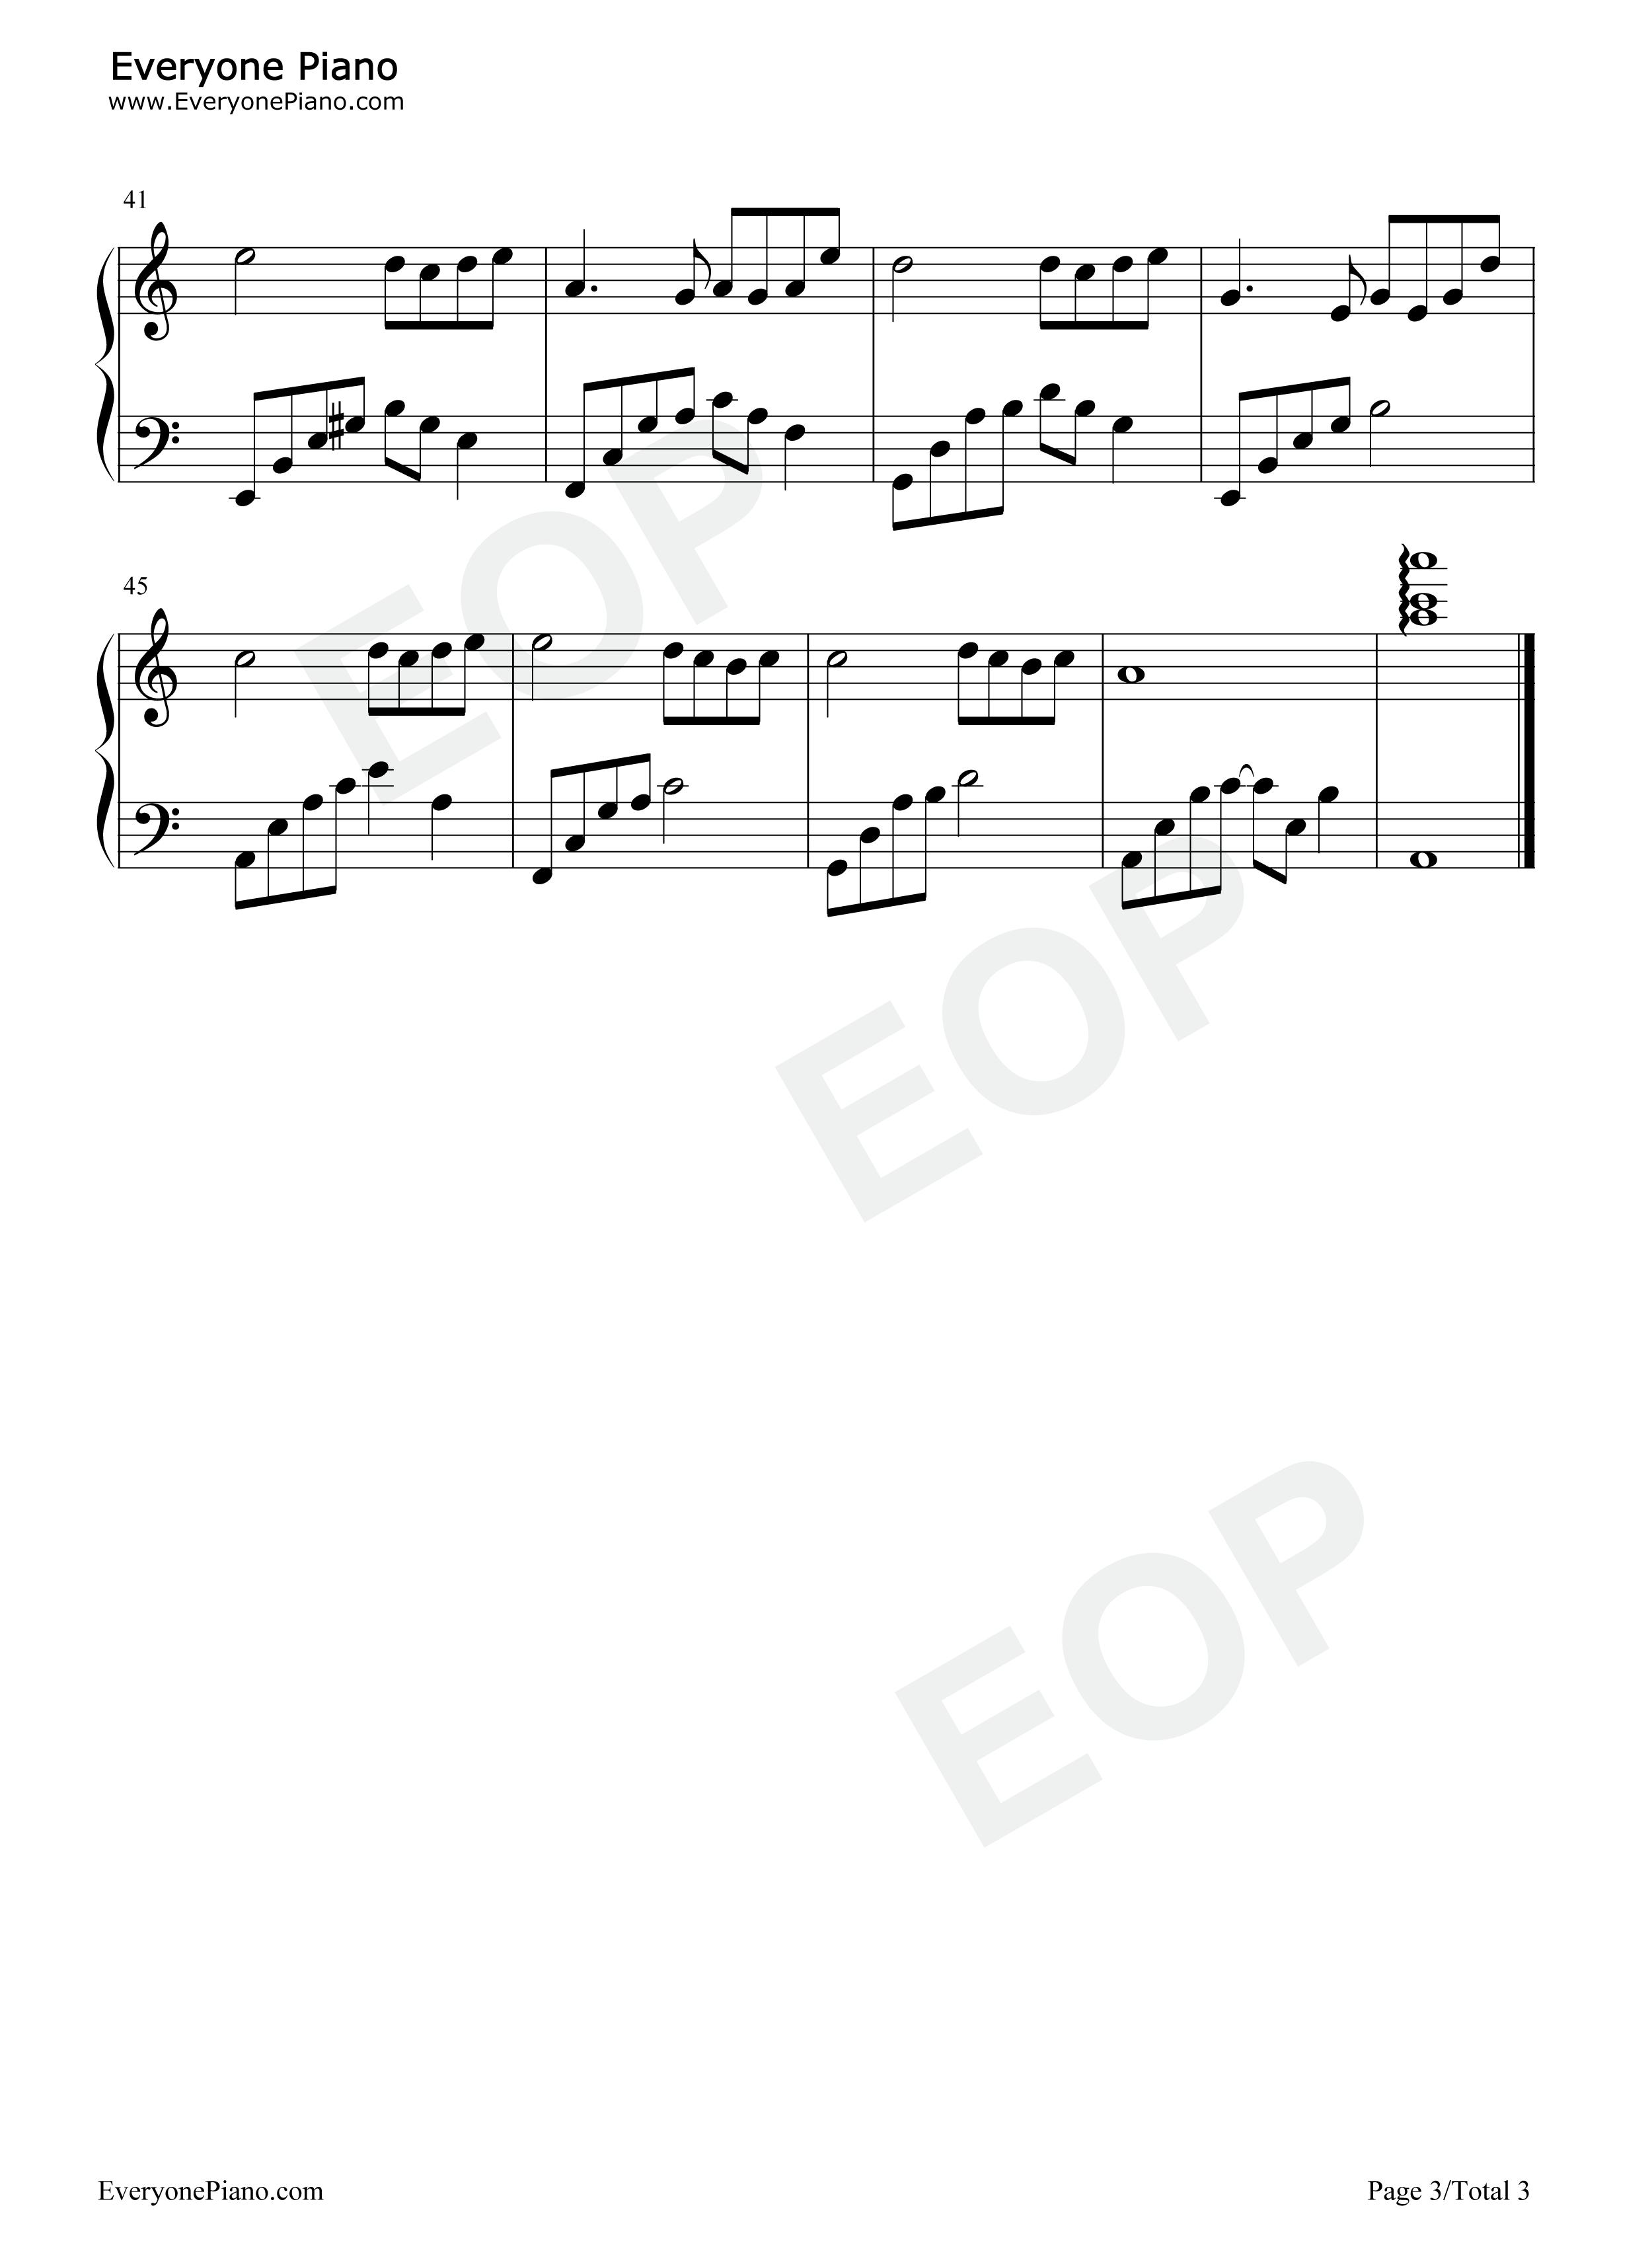 石进夜的钢琴曲1_夜的钢琴曲 4五线谱预览-EOP在线乐谱架